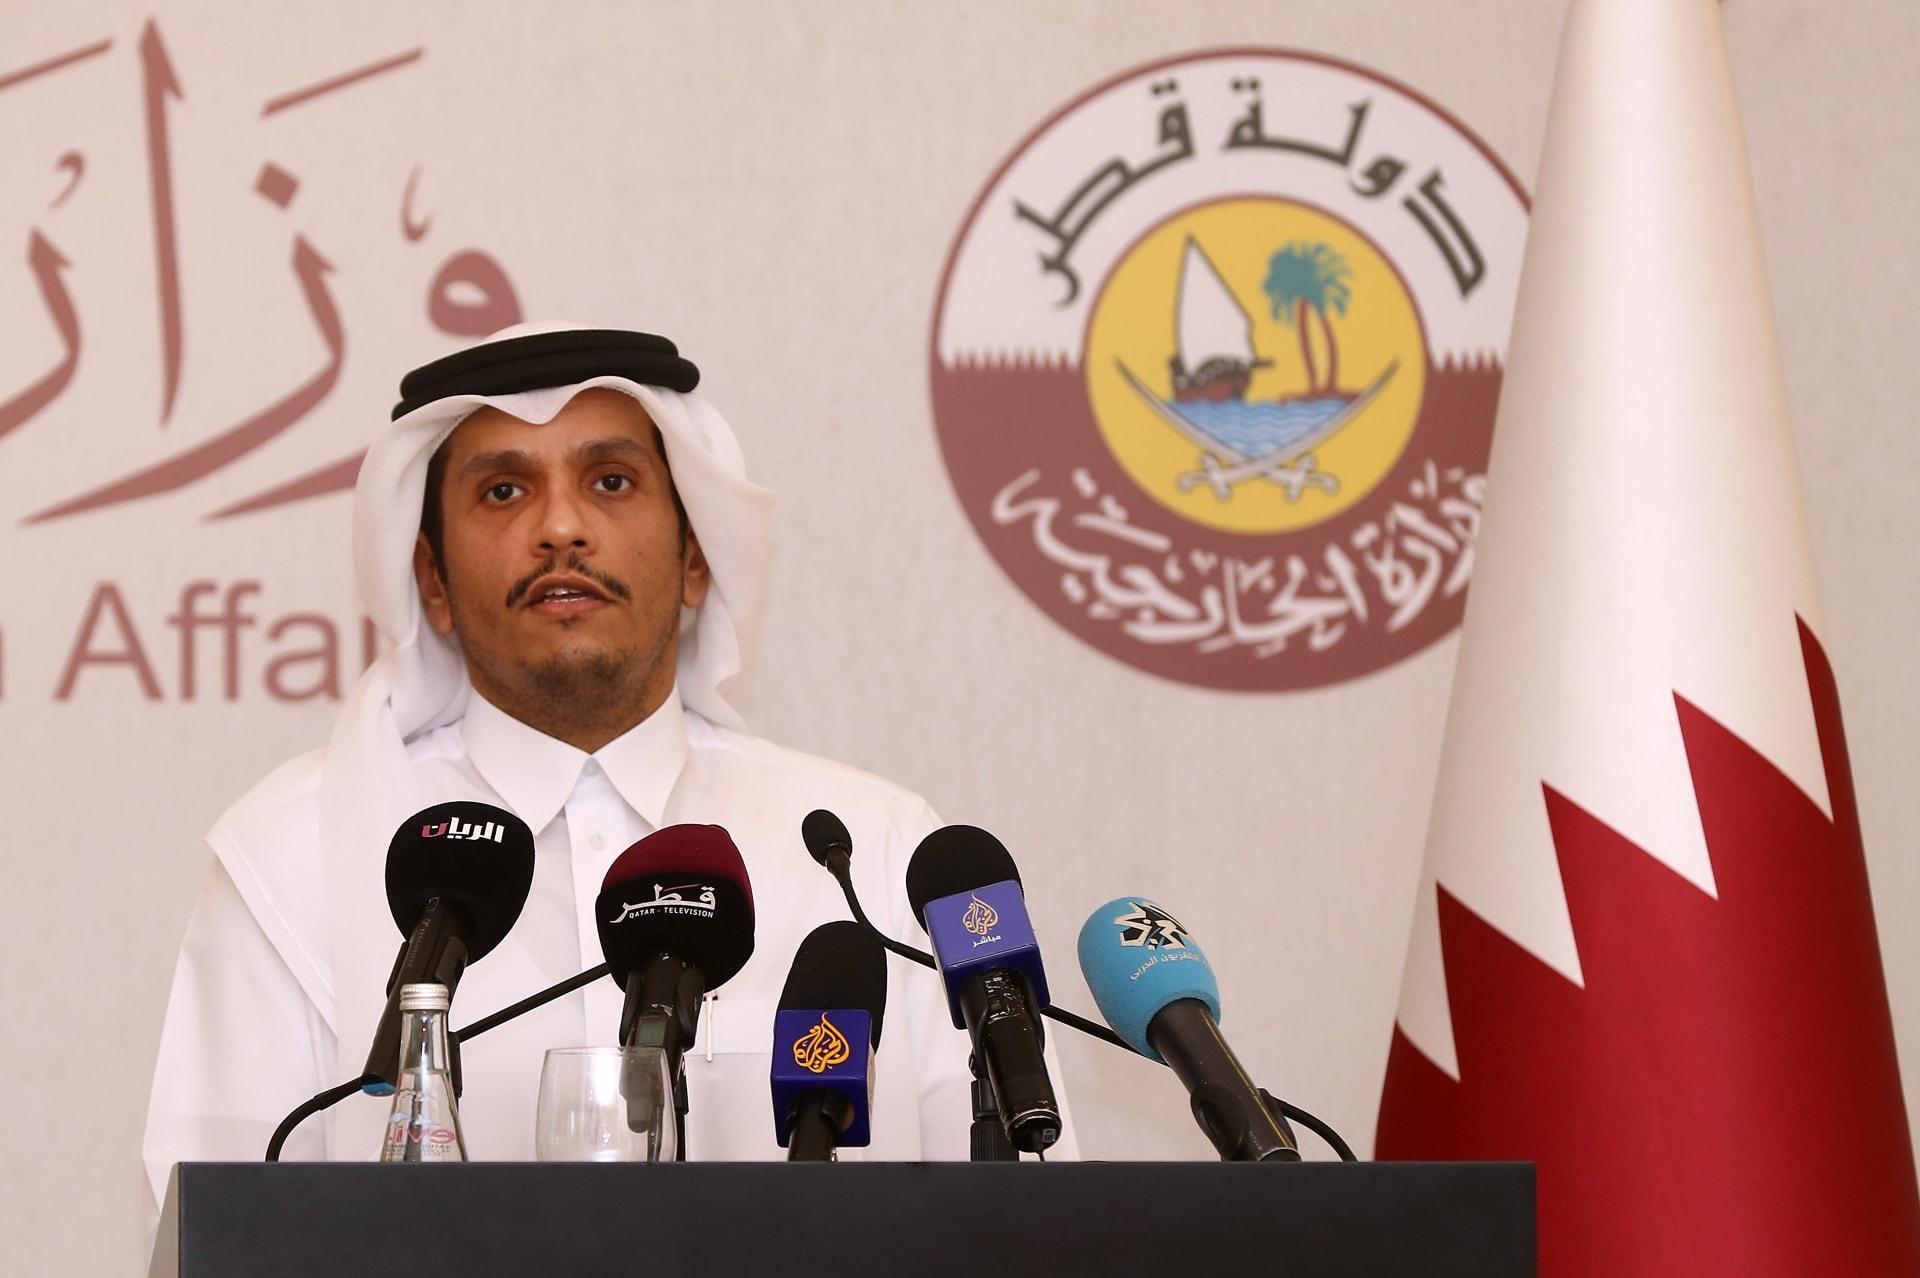 وسط جدل حظر الأسلحة للسعودية.. قطر تكرر الحديث عن رفع استثماراتها بألمانيا